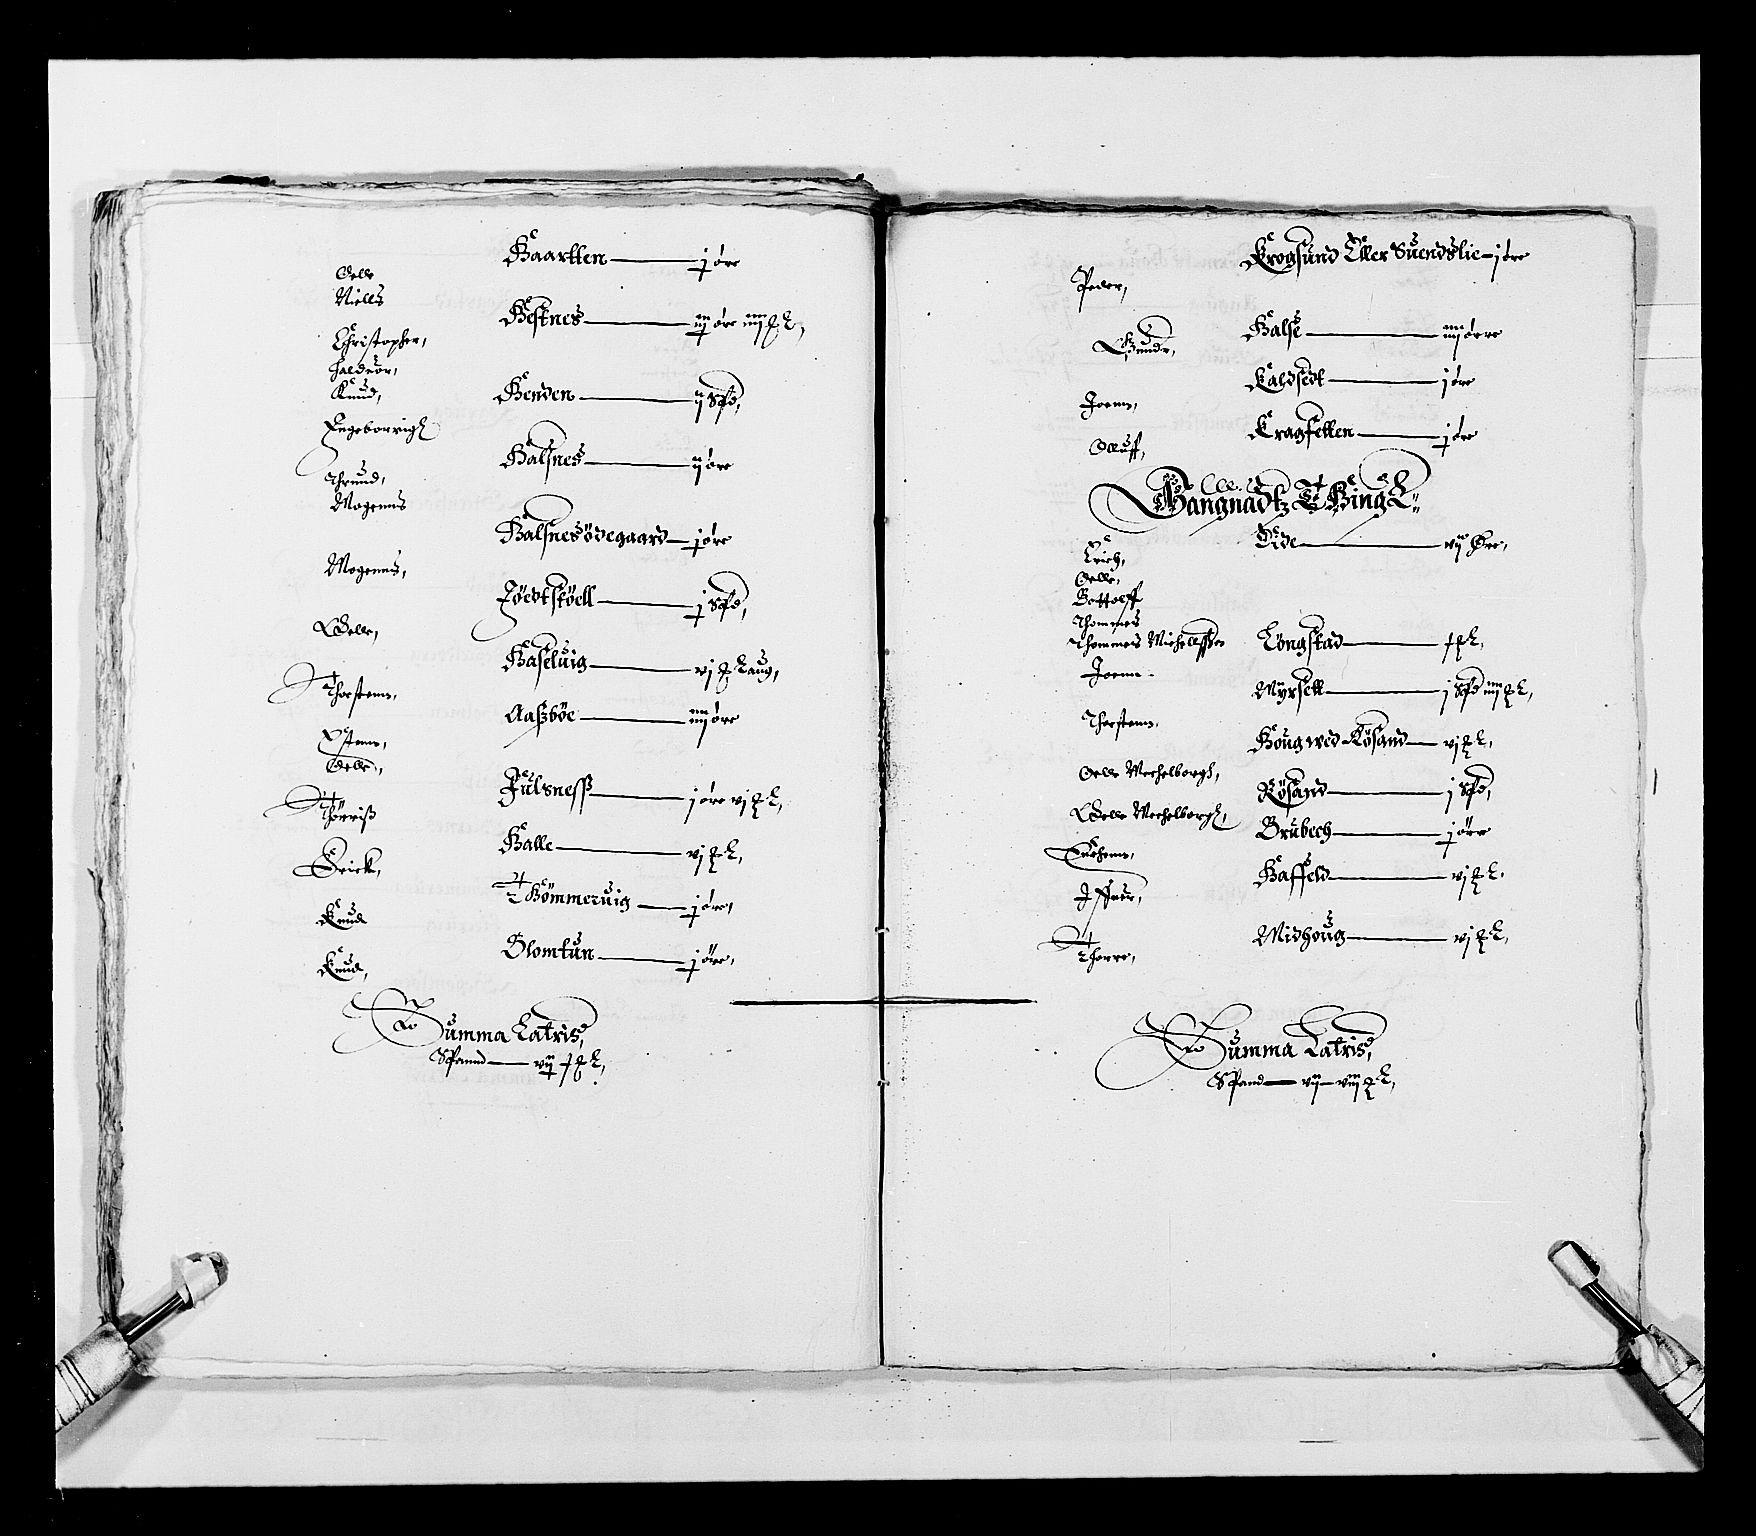 RA, Stattholderembetet 1572-1771, Ek/L0028: Jordebøker 1633-1658:, 1645-1646, s. 39